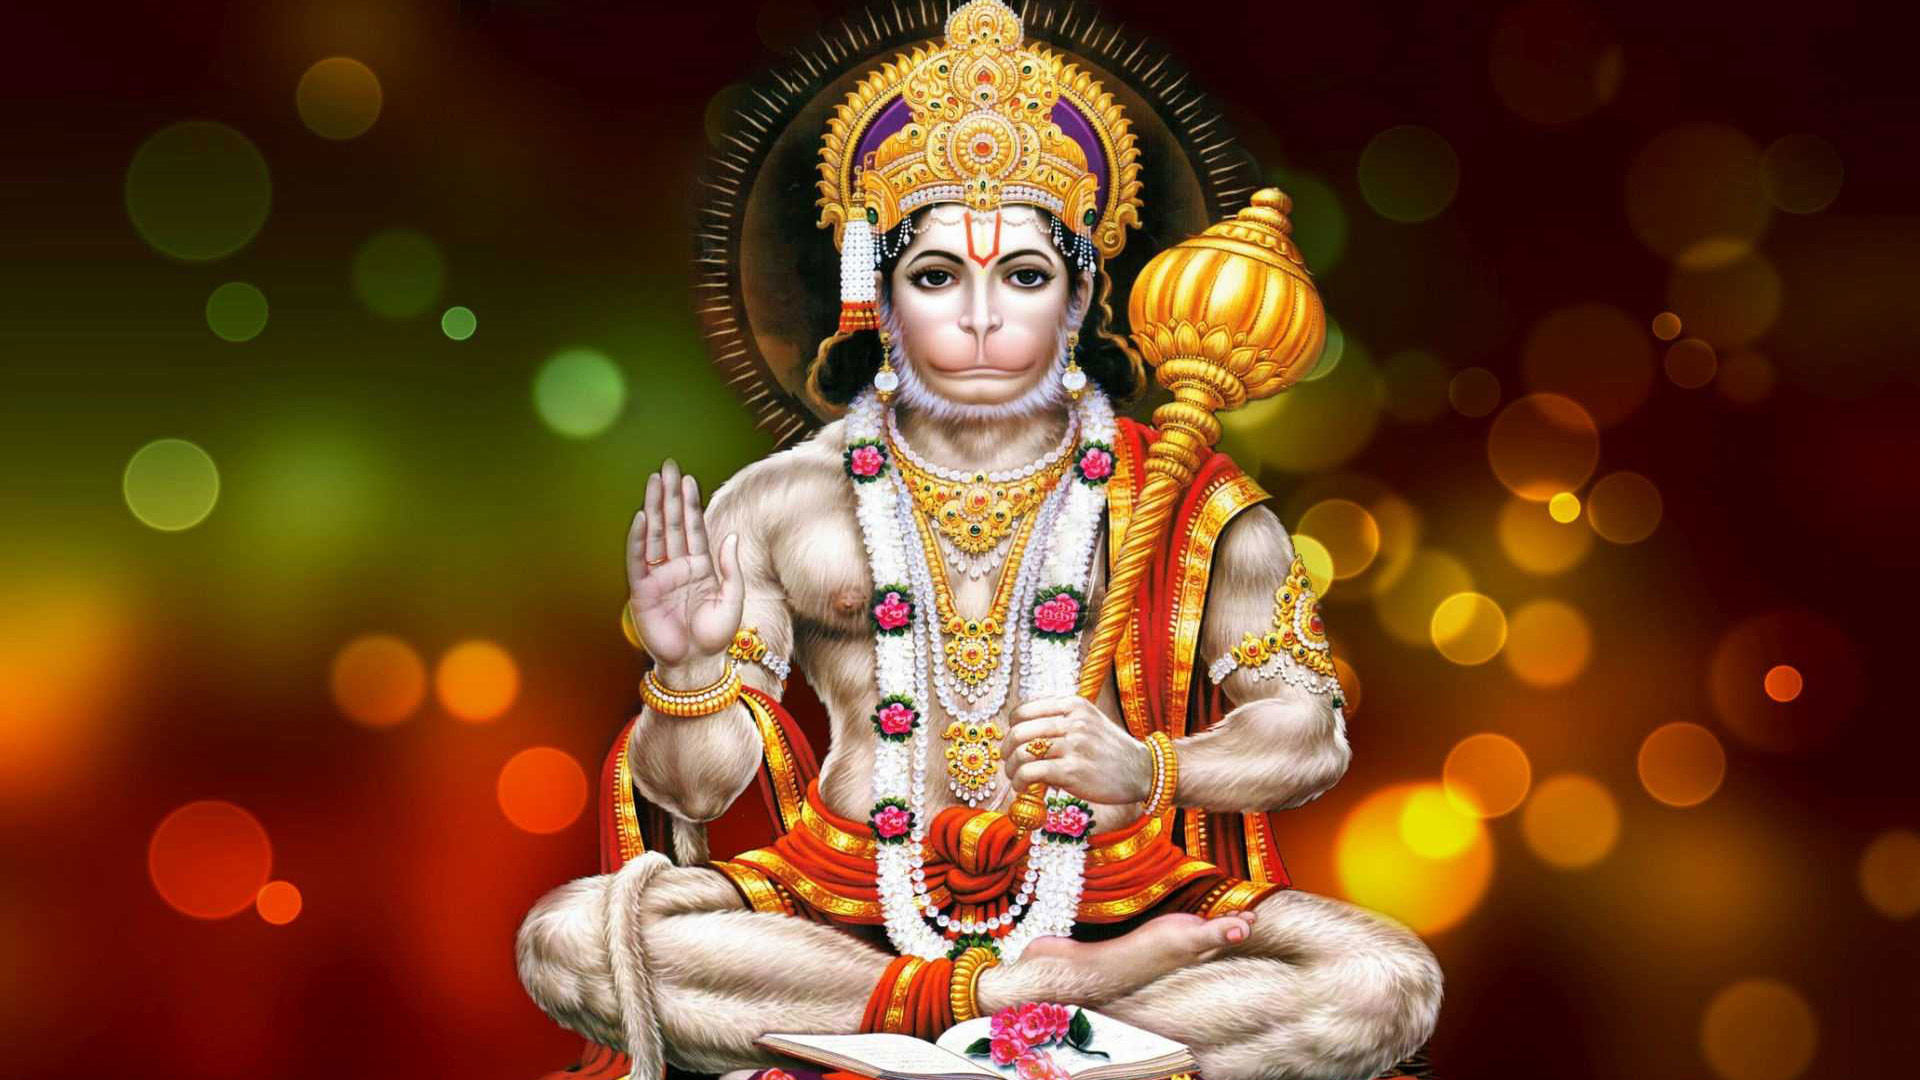 hd pics photos gods hindu lord hanuman new attractive desktop background  wallpaper